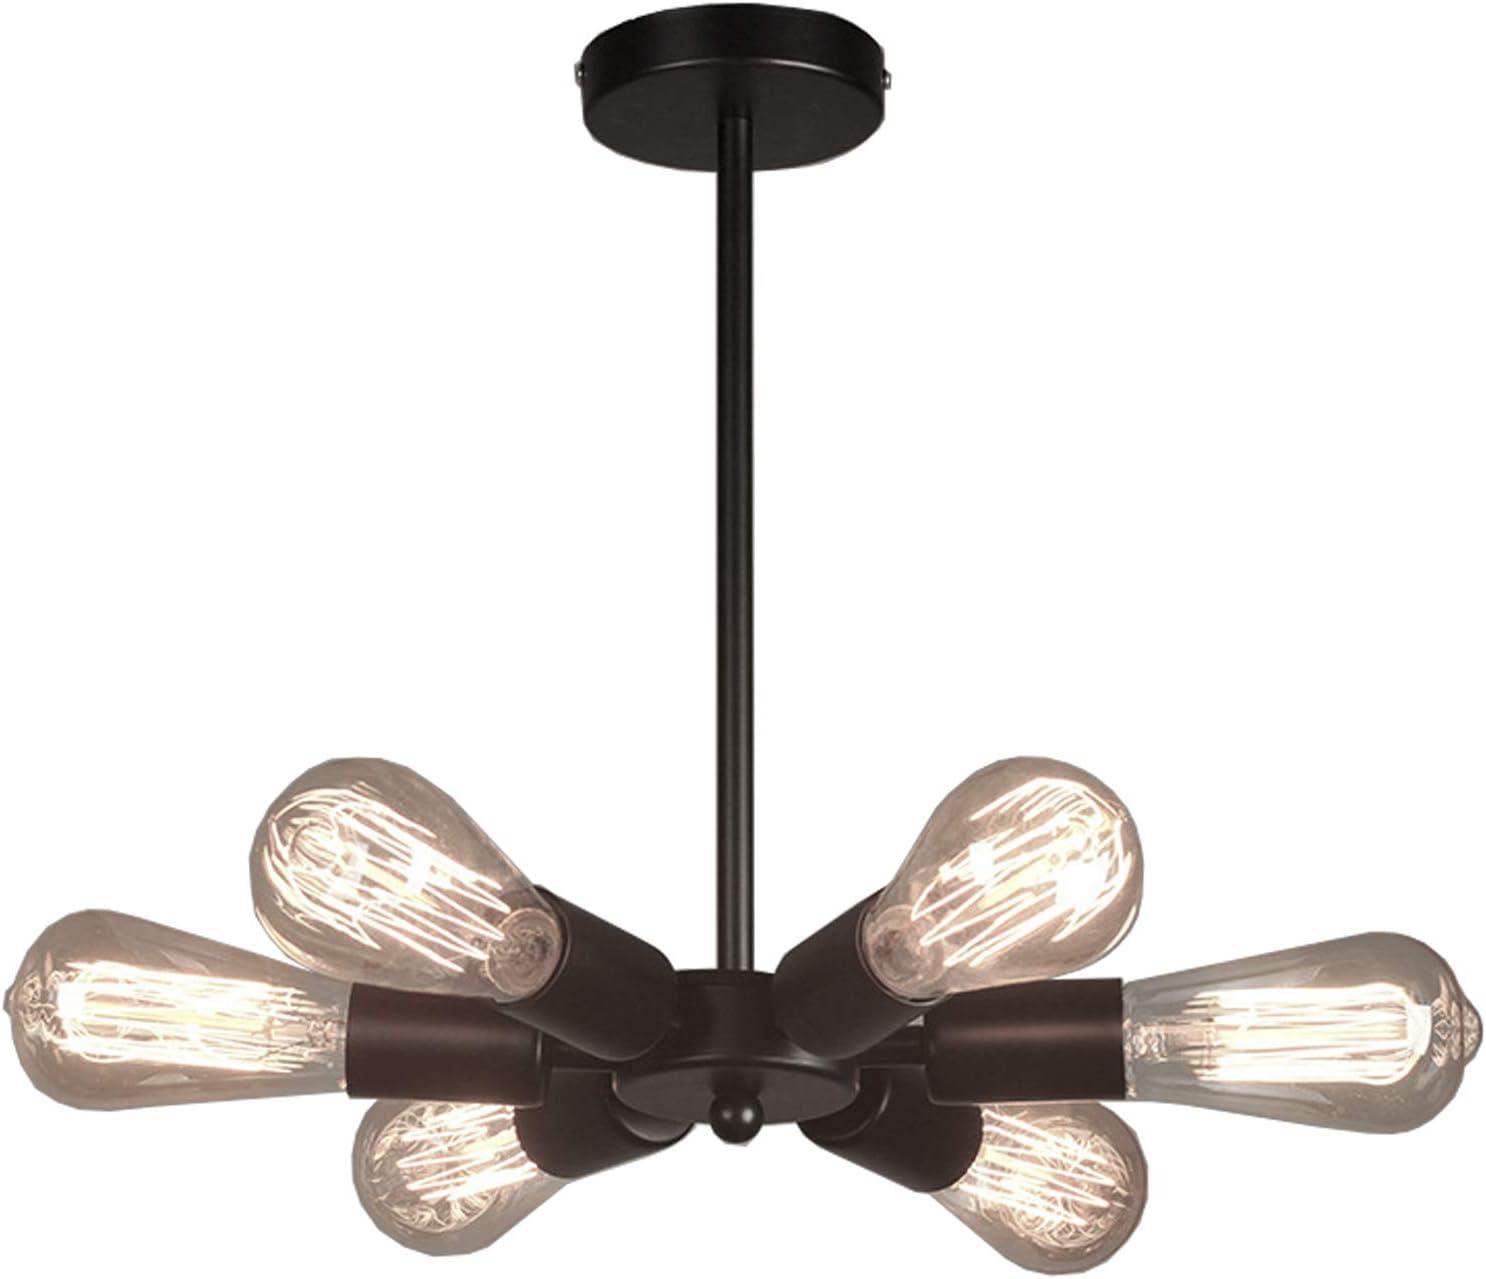 hoxiya matte black modern sputnik chandelier 6 lights ceiling pendant lights midcentury industrial lighting fixture for dining room bedroom bar